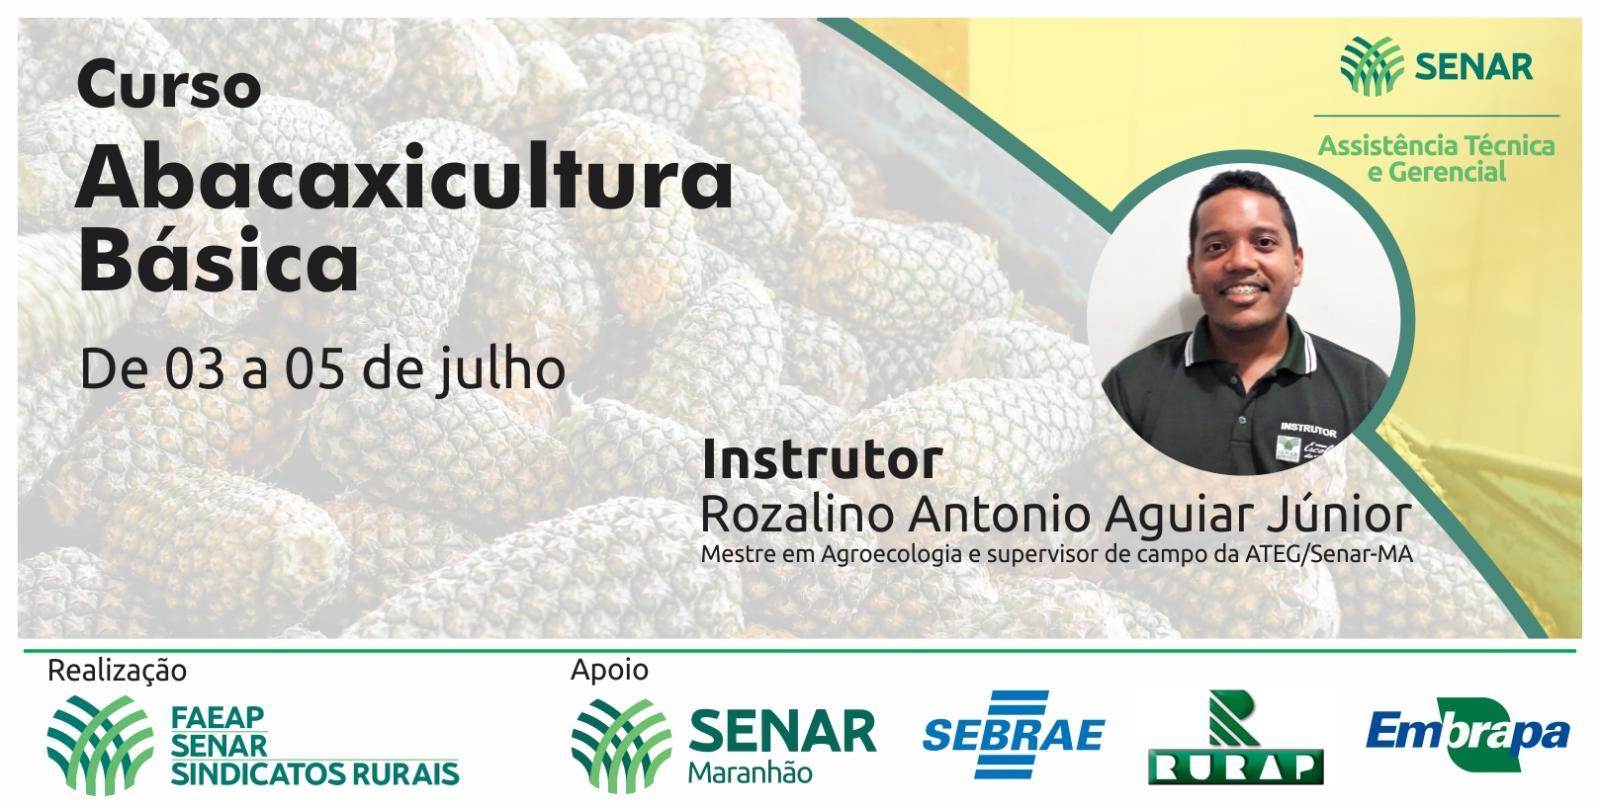 Produtores rurais atendidos pela ATeG do Senar/AP receberão formação na área da abacaxicultura